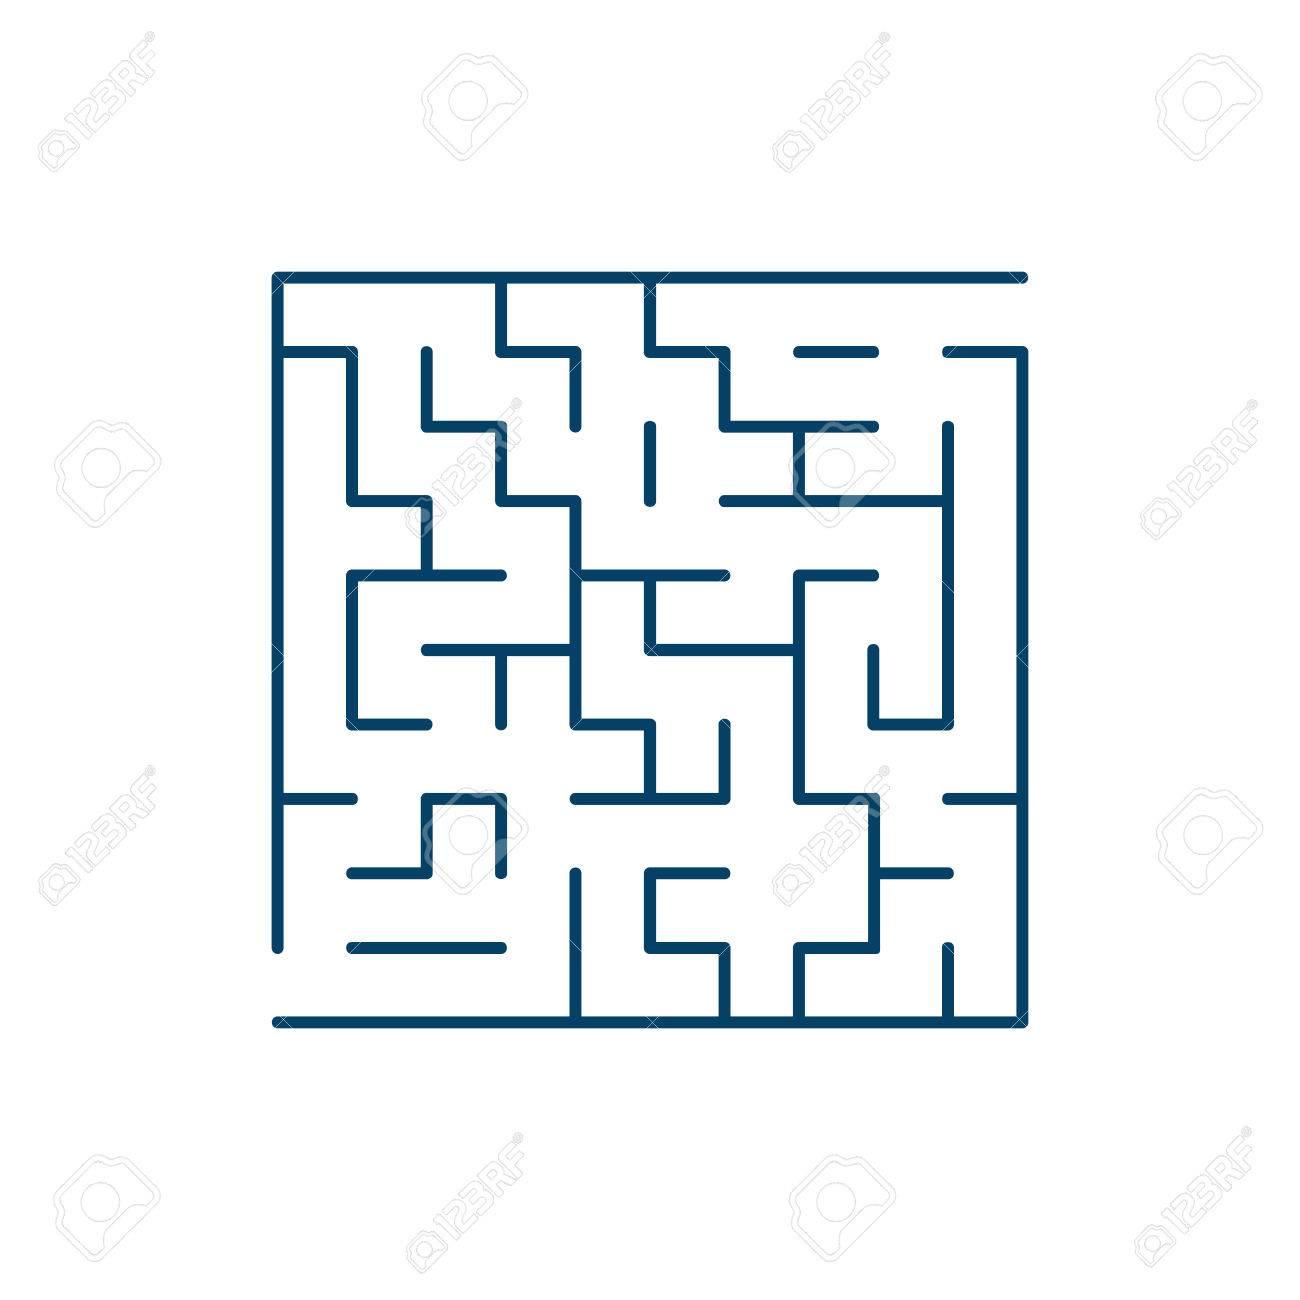 ベクトル簡単迷路 迷路や迷宮 ベクトル のイラスト素材 ベクタ Image